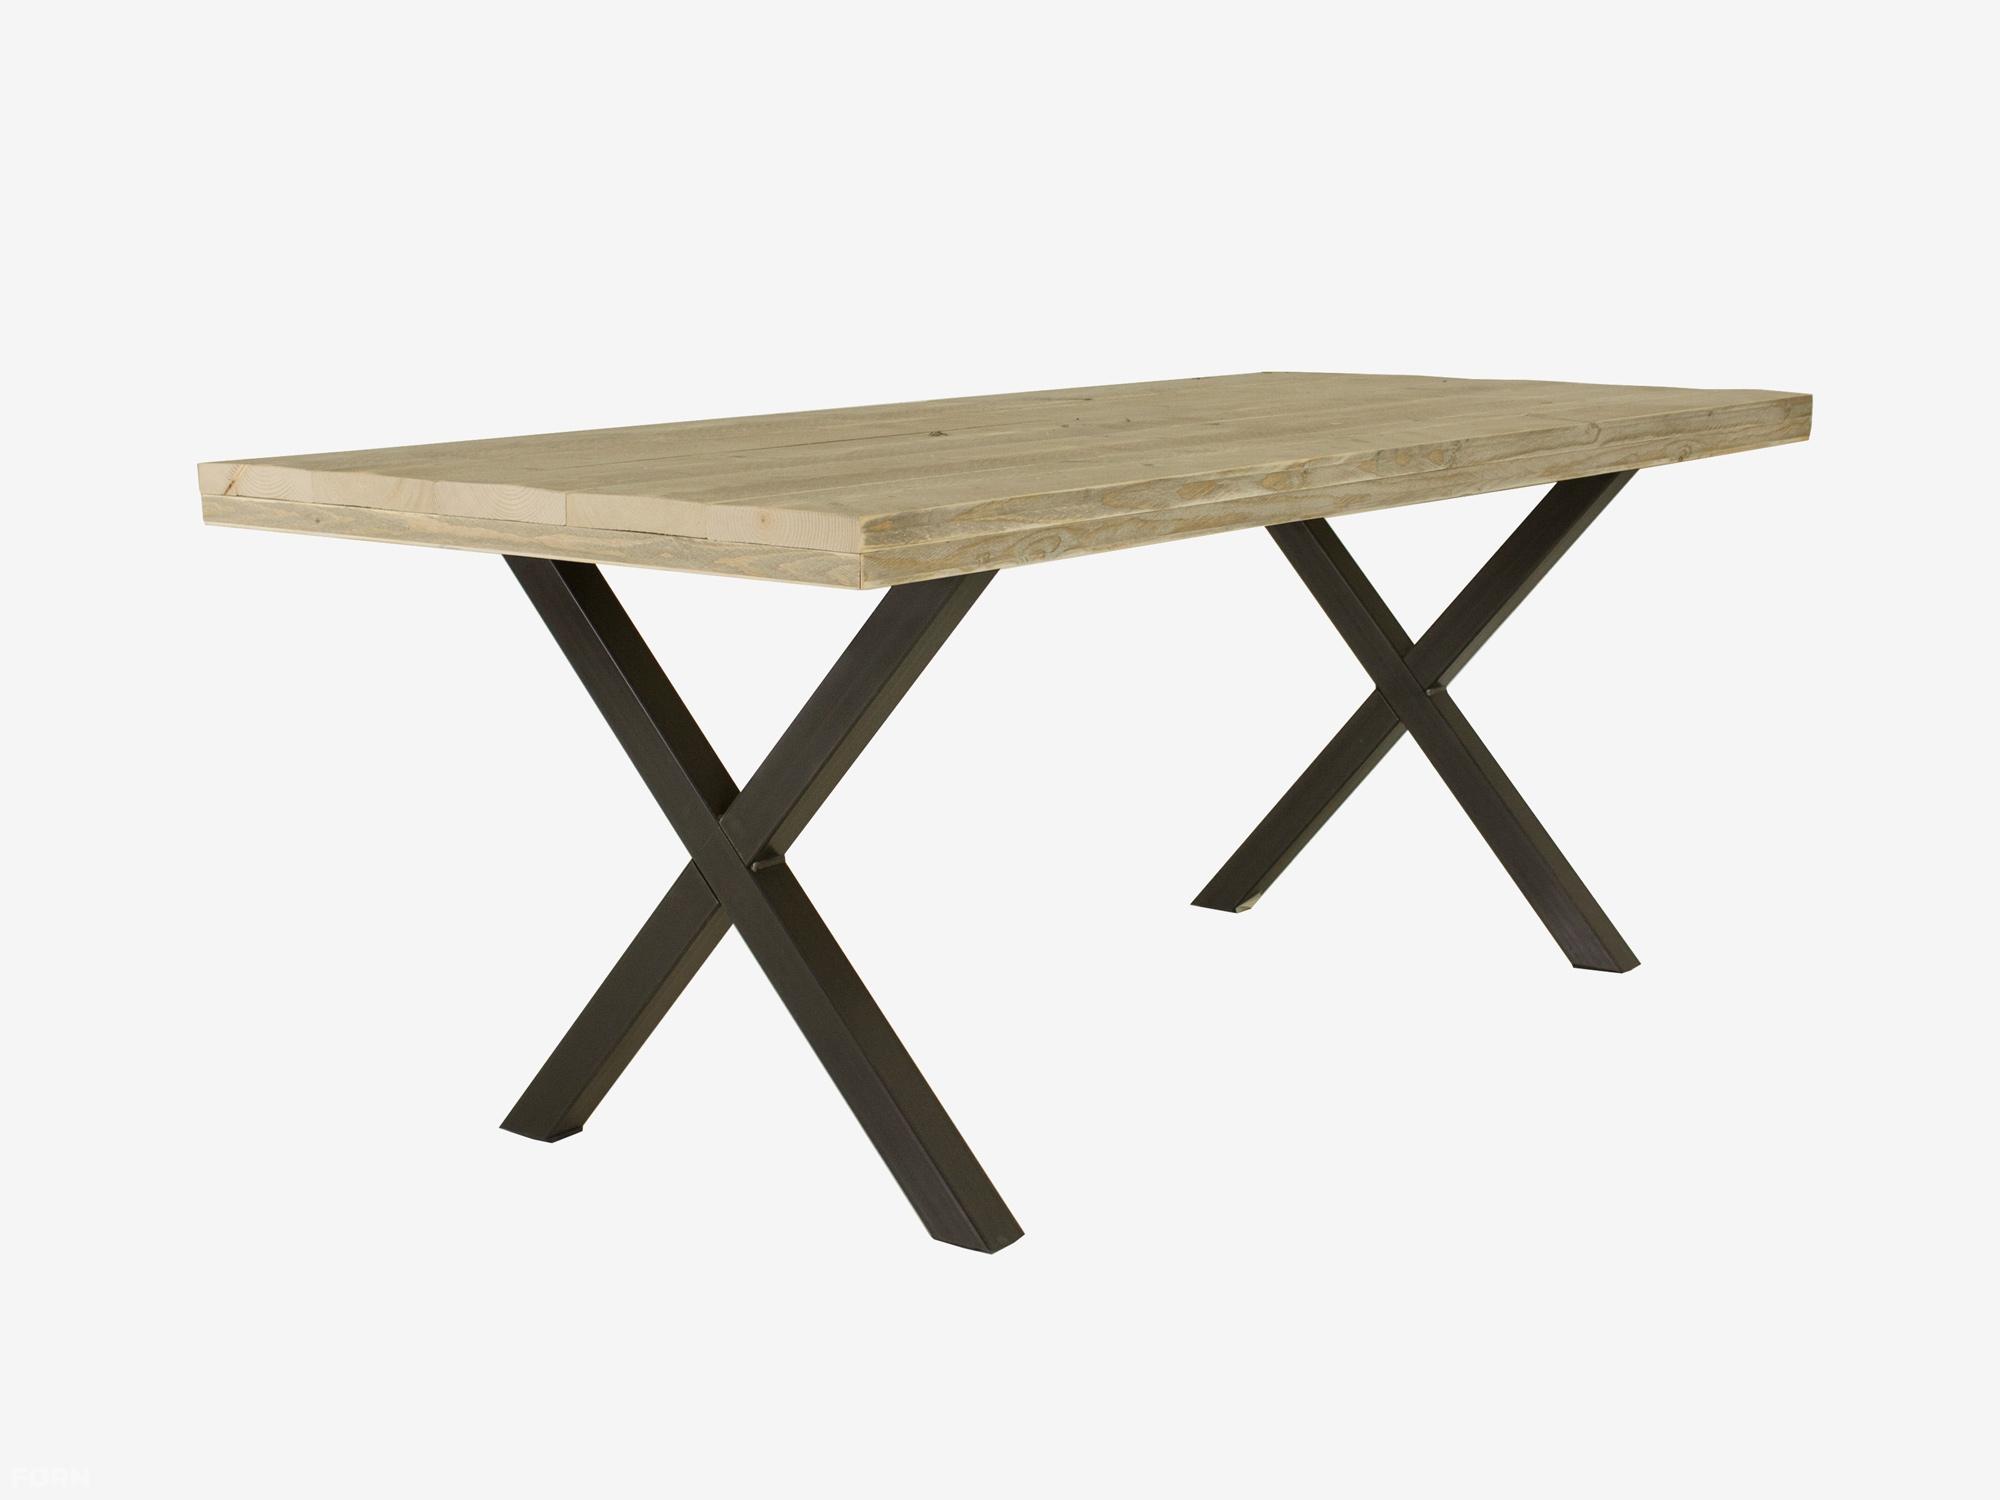 Tafel Stalen Frame : Stoere tafel met stalen frame curacao woodgoed meubelmakerij